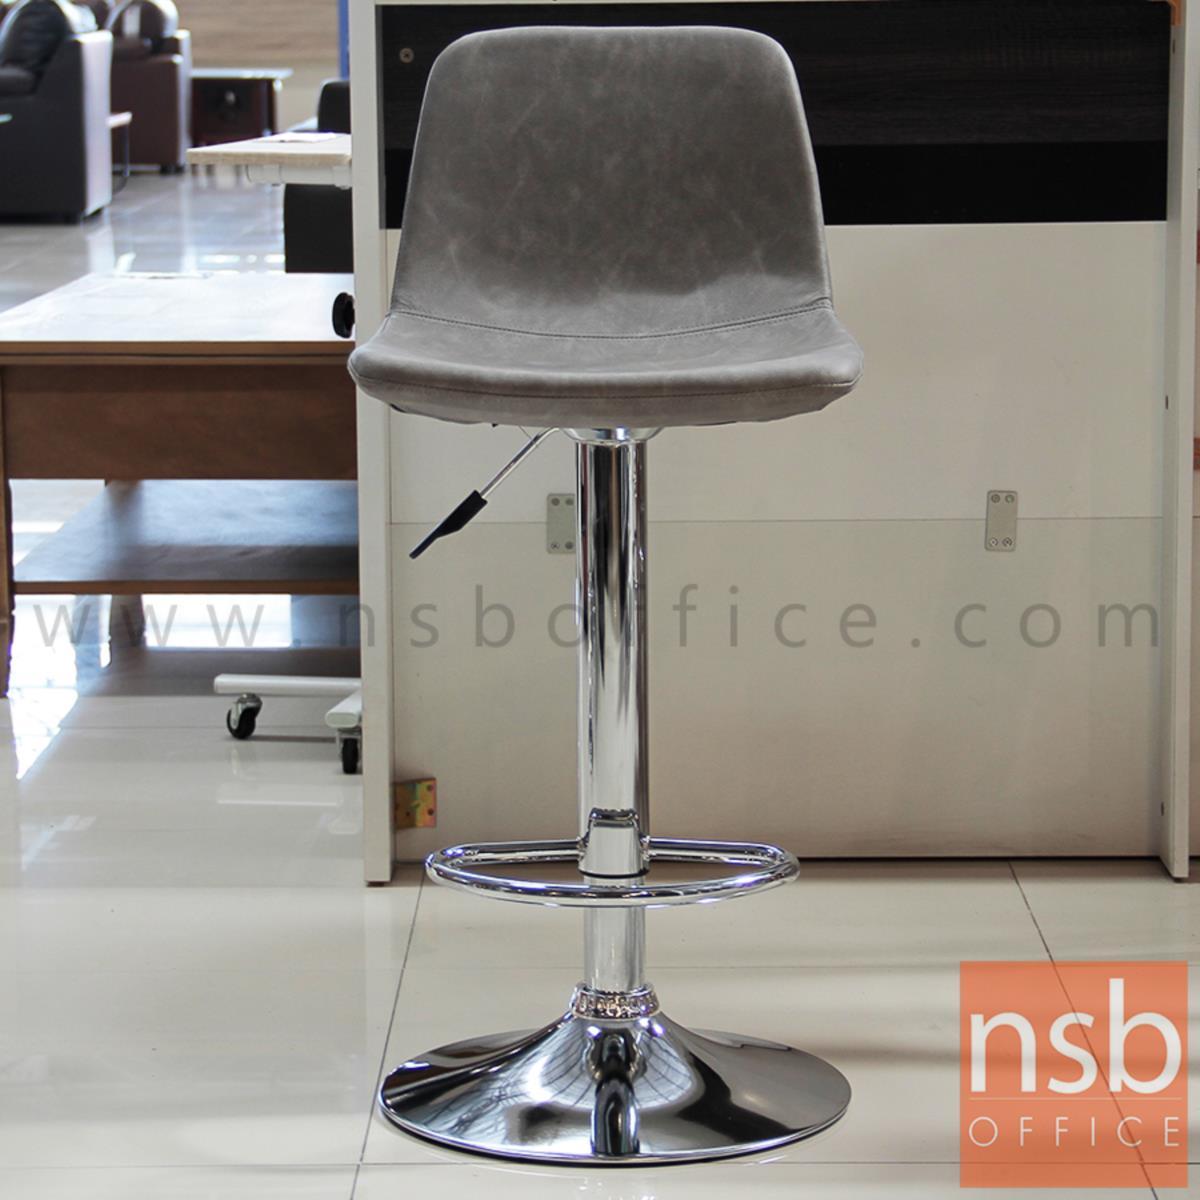 B18A083:เก้าอี้บาร์สูงหนังเทียม รุ่น Logan (โลแกน) โช๊คแก๊ส ขาโครเมี่ยมฐานจานกลม